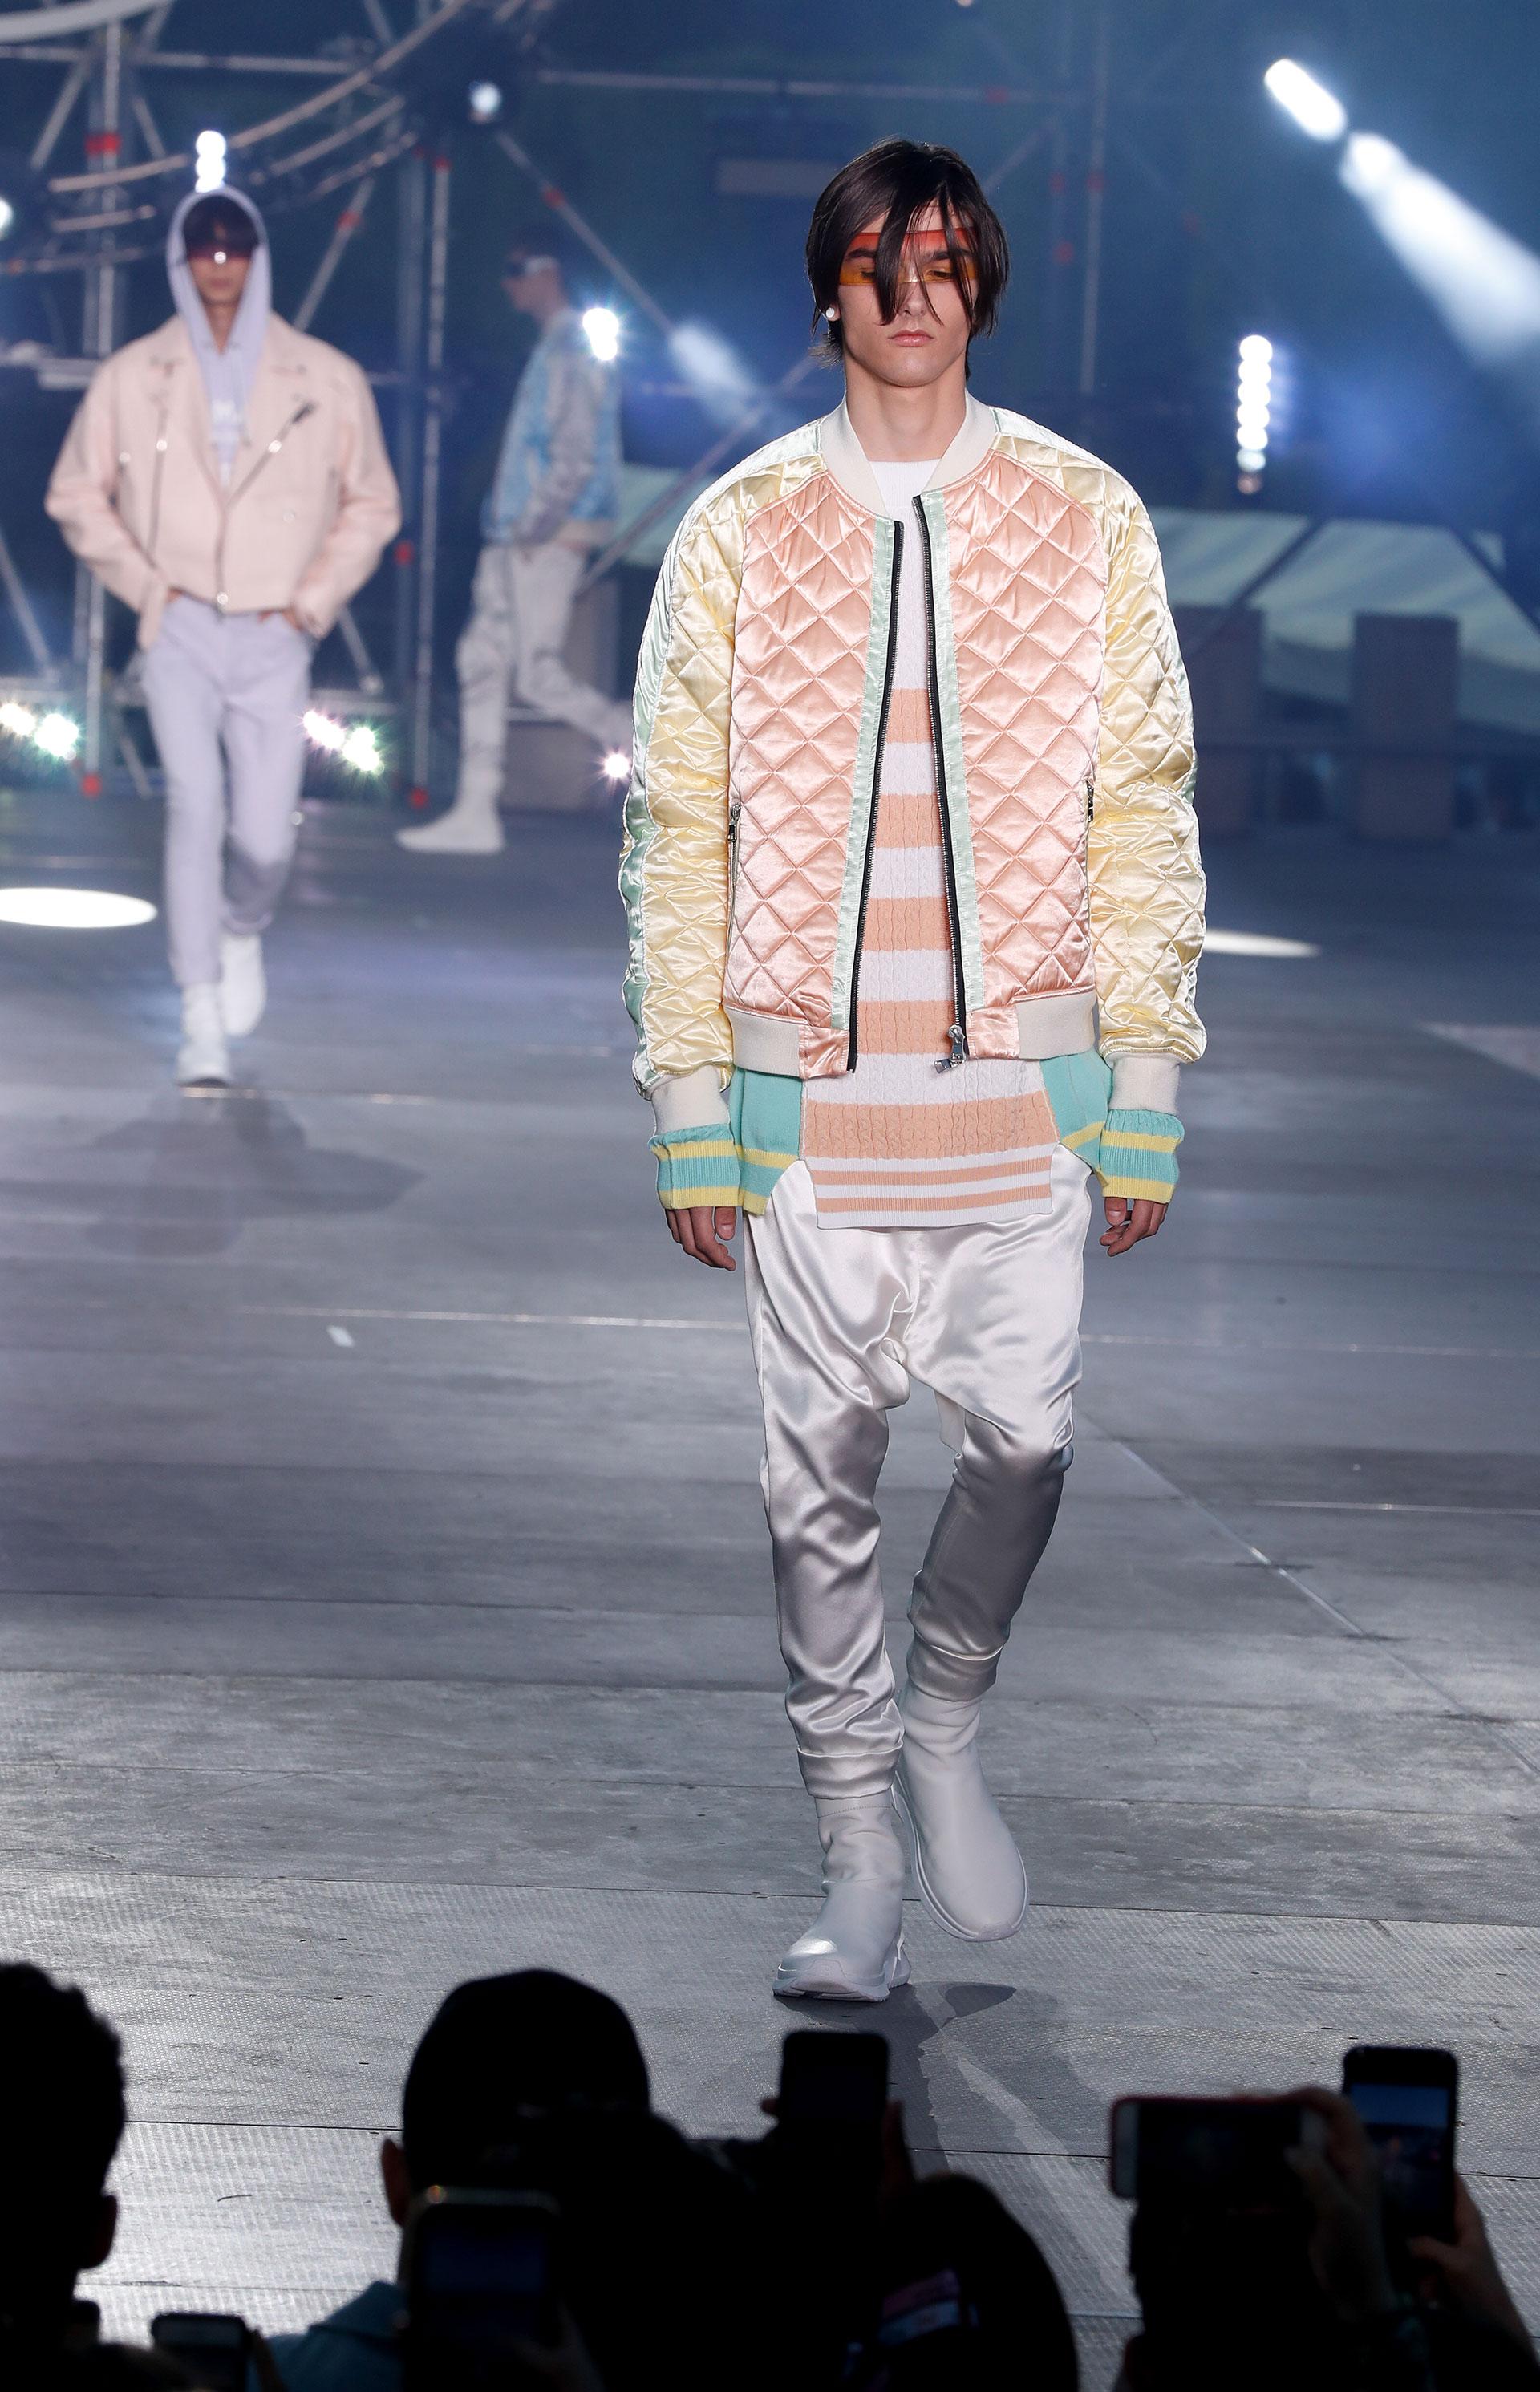 Una propuesta chic y fashionista para el hombre moderno. Babuchas en satén y bomber combinada en amarillo, rosa y aguamarina